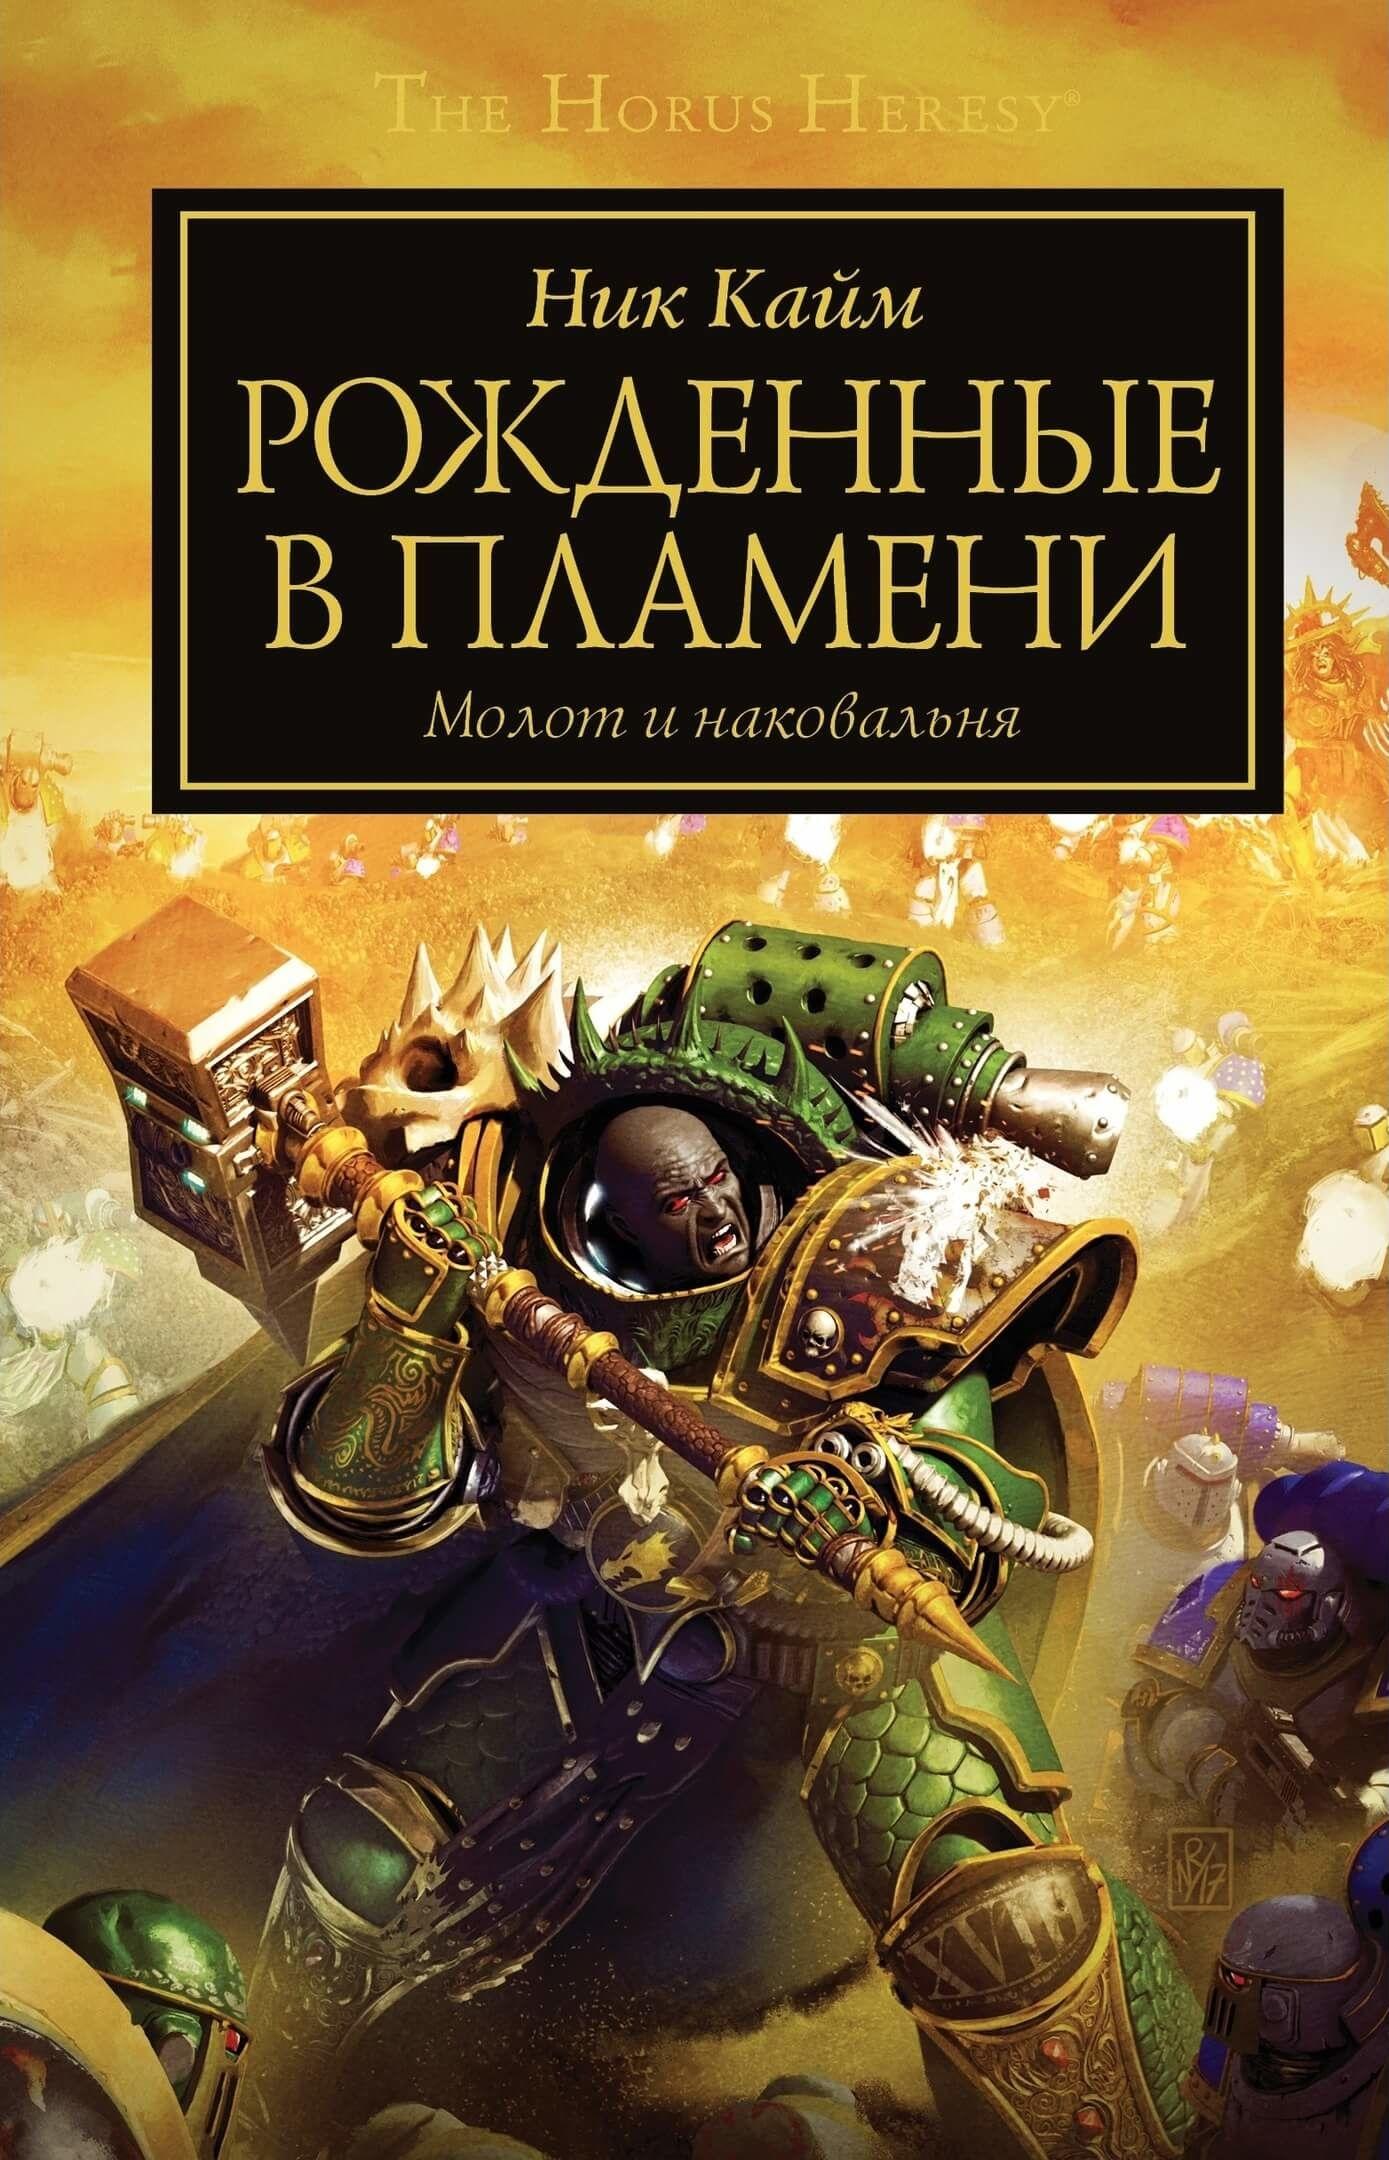 Книга на русском языке «Книга Warhammer 40000. Рожденные в пламени (Ник Кайм)»